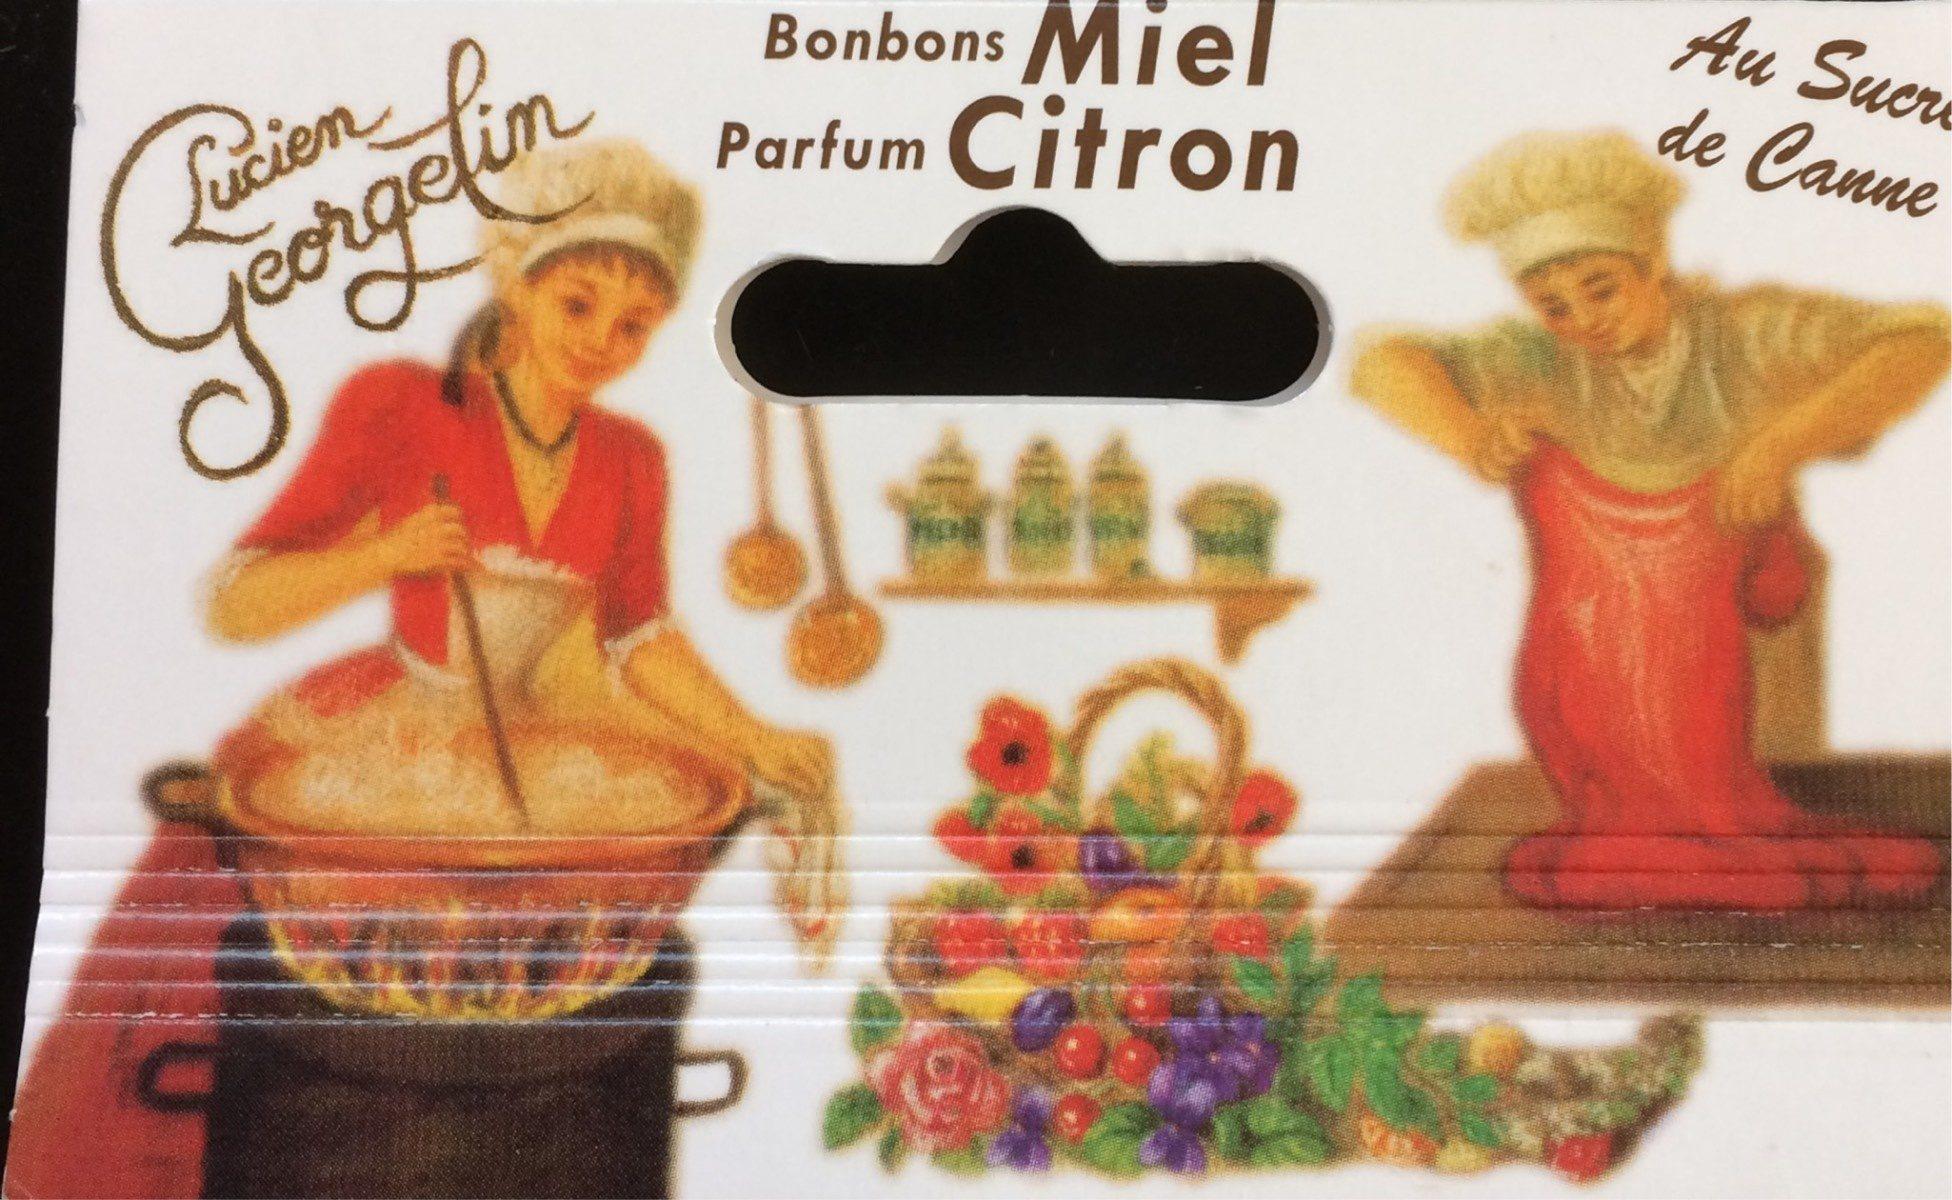 Bonbons Miel parfum Citron - Product